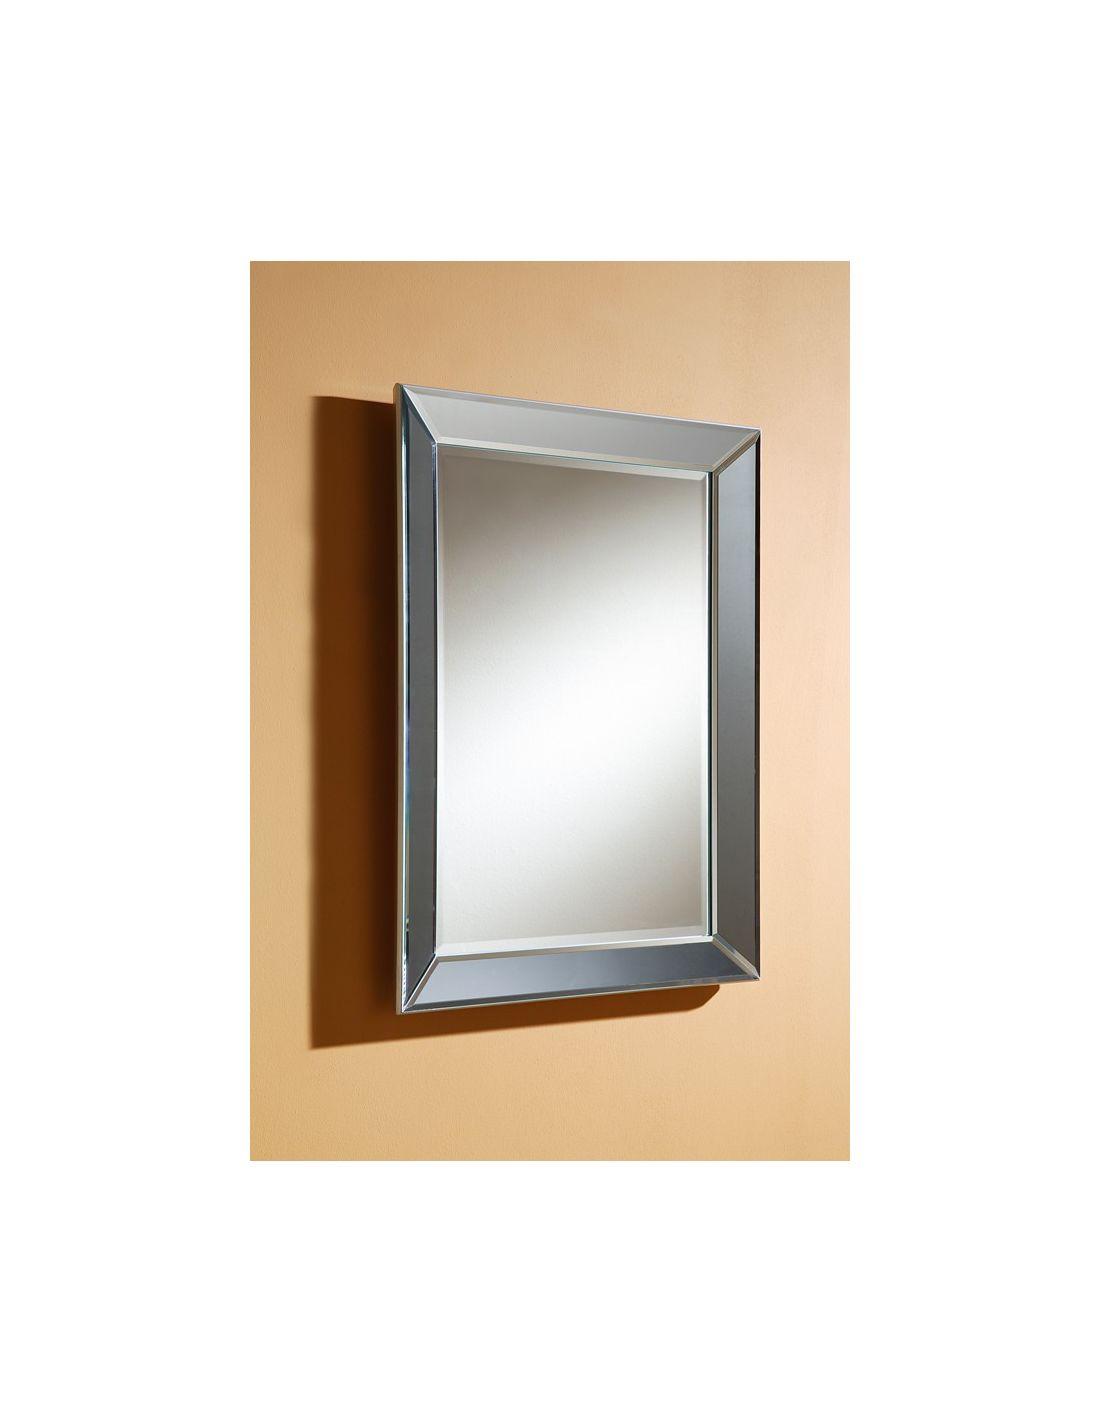 Espejo Marco Cristal Of Espejo Para Recibidor Roma De Schuller Gastos Env O Gratis